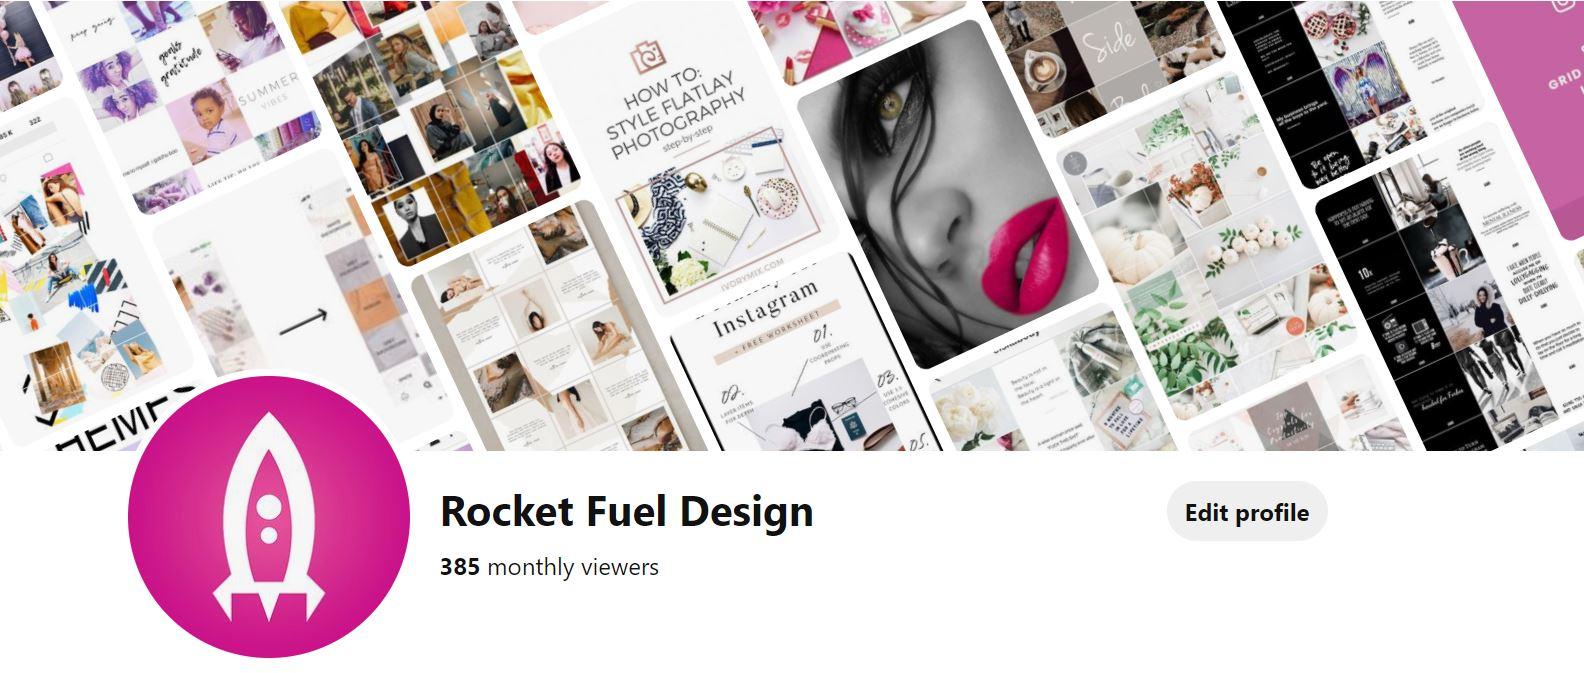 Rocket Fuel Design's Pinterest Profile Page